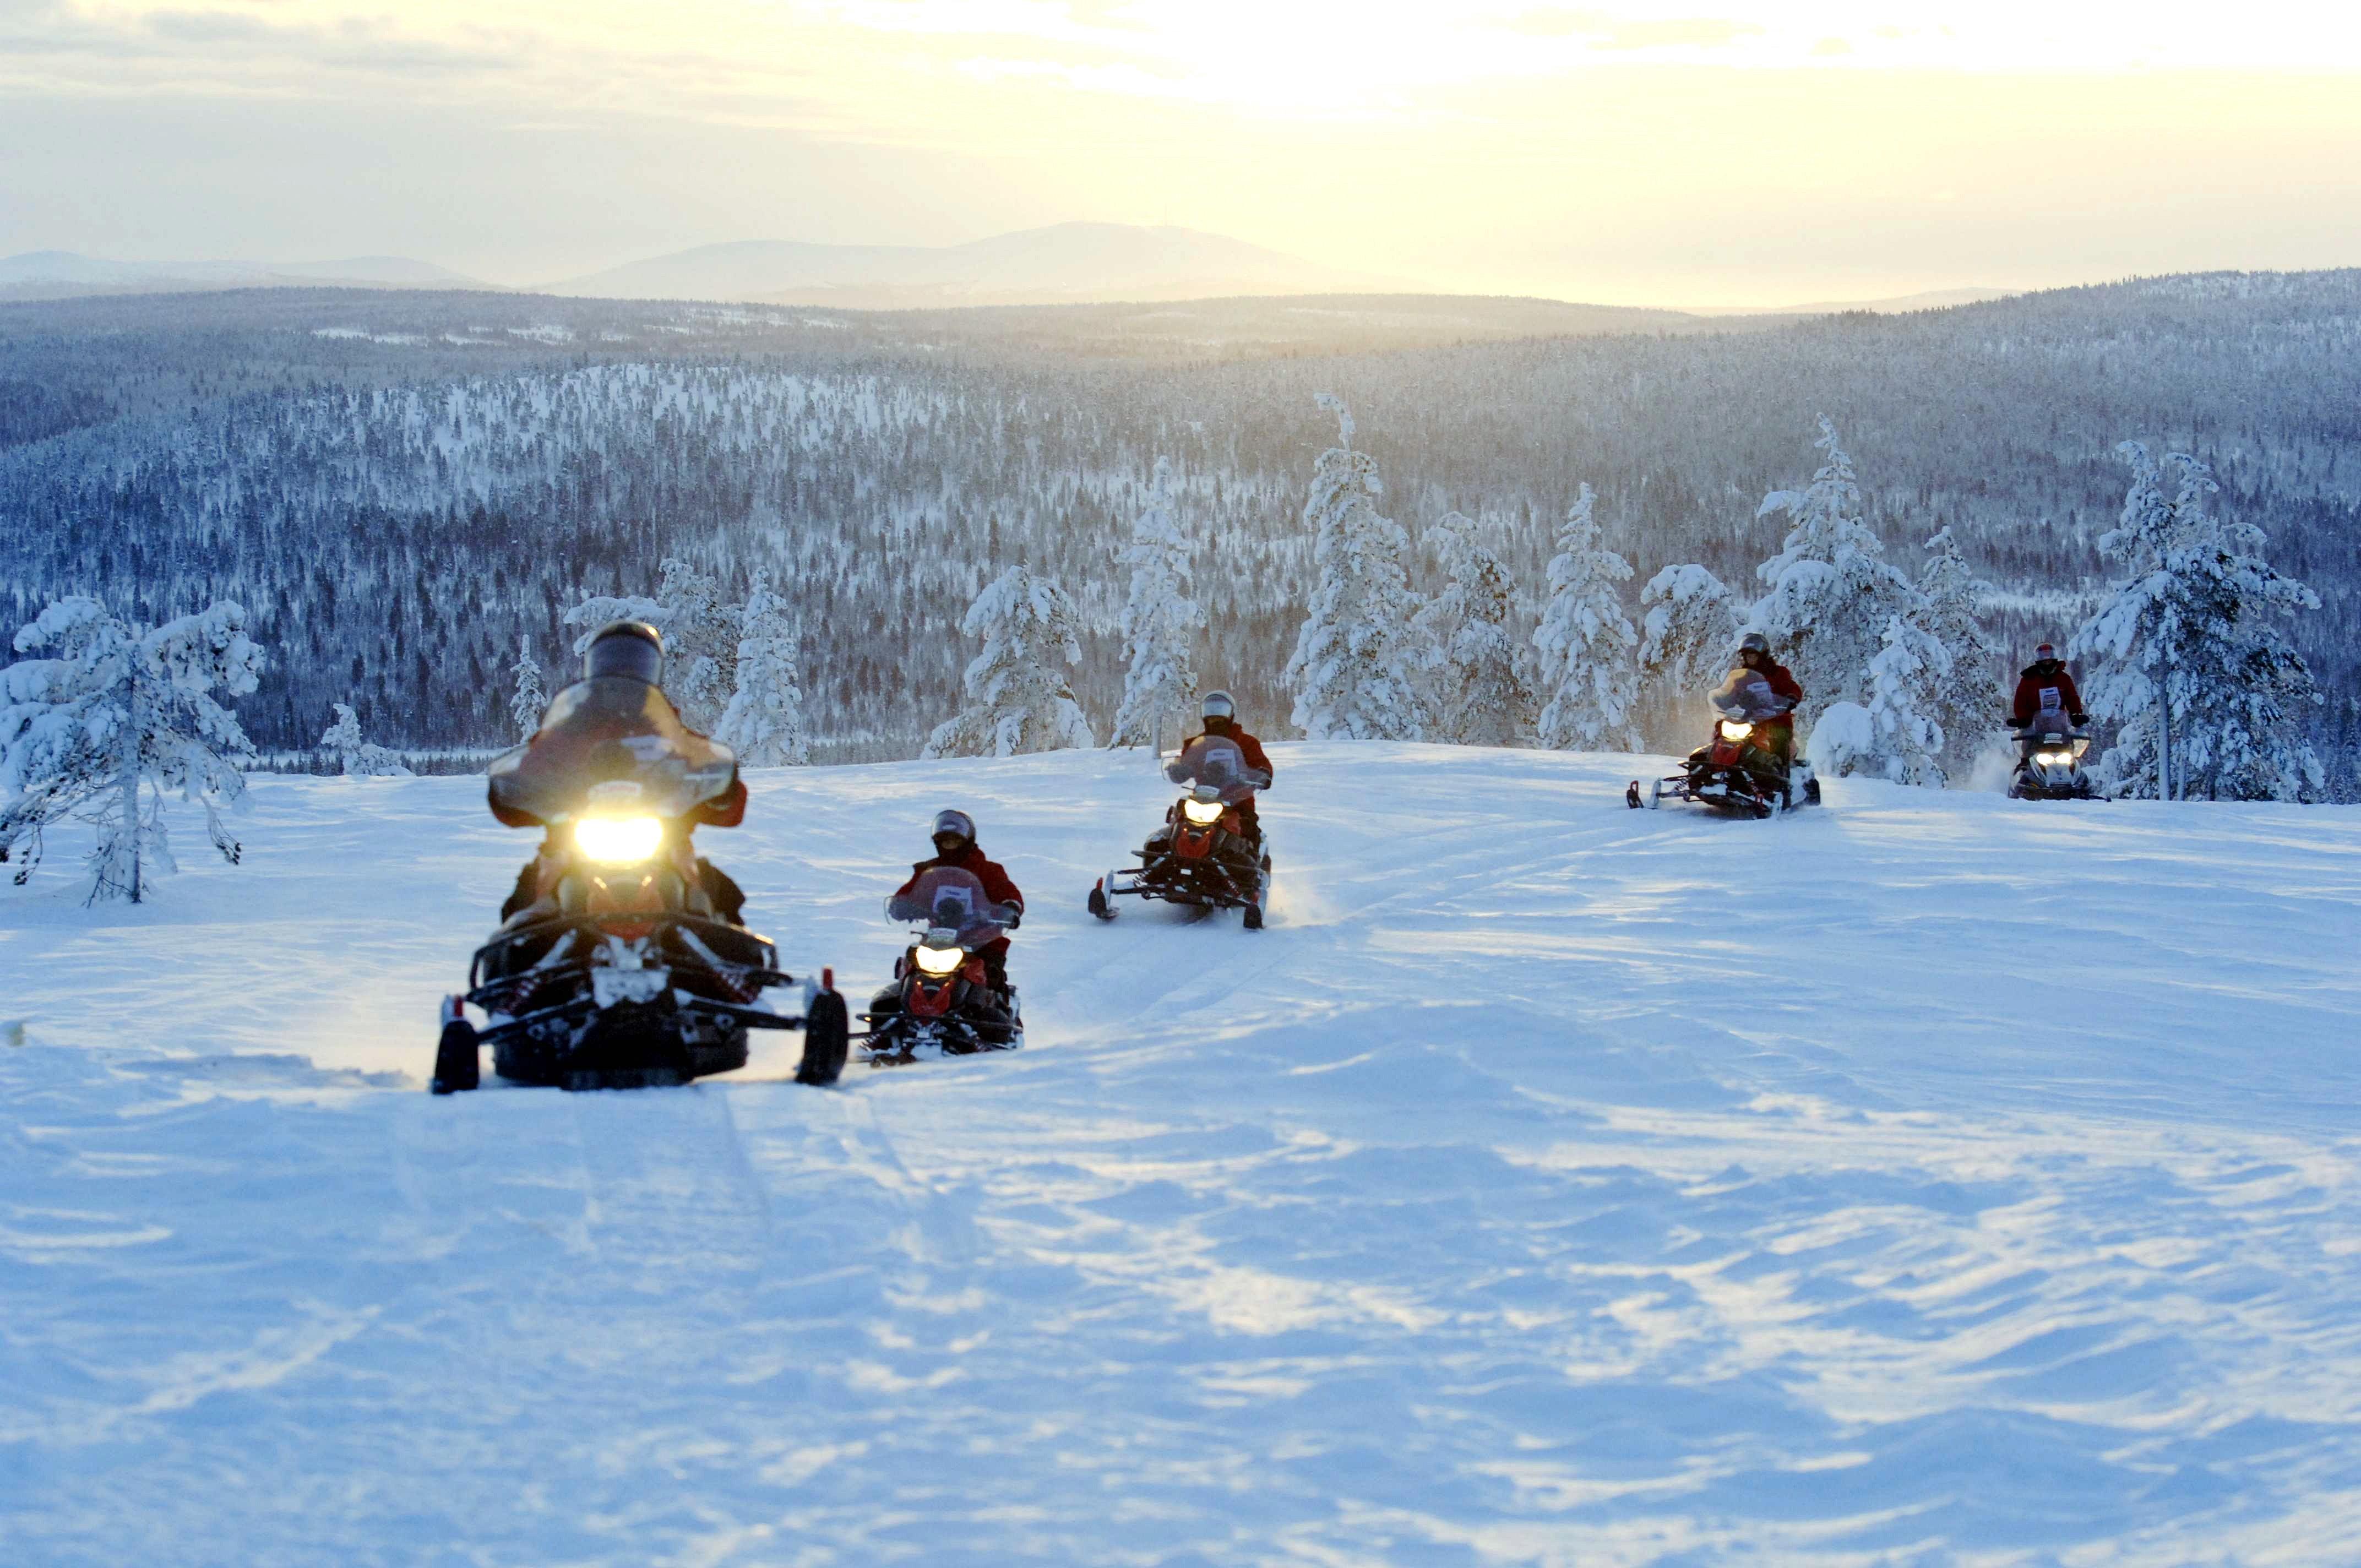 Snowmobile Safari Nordic Experience